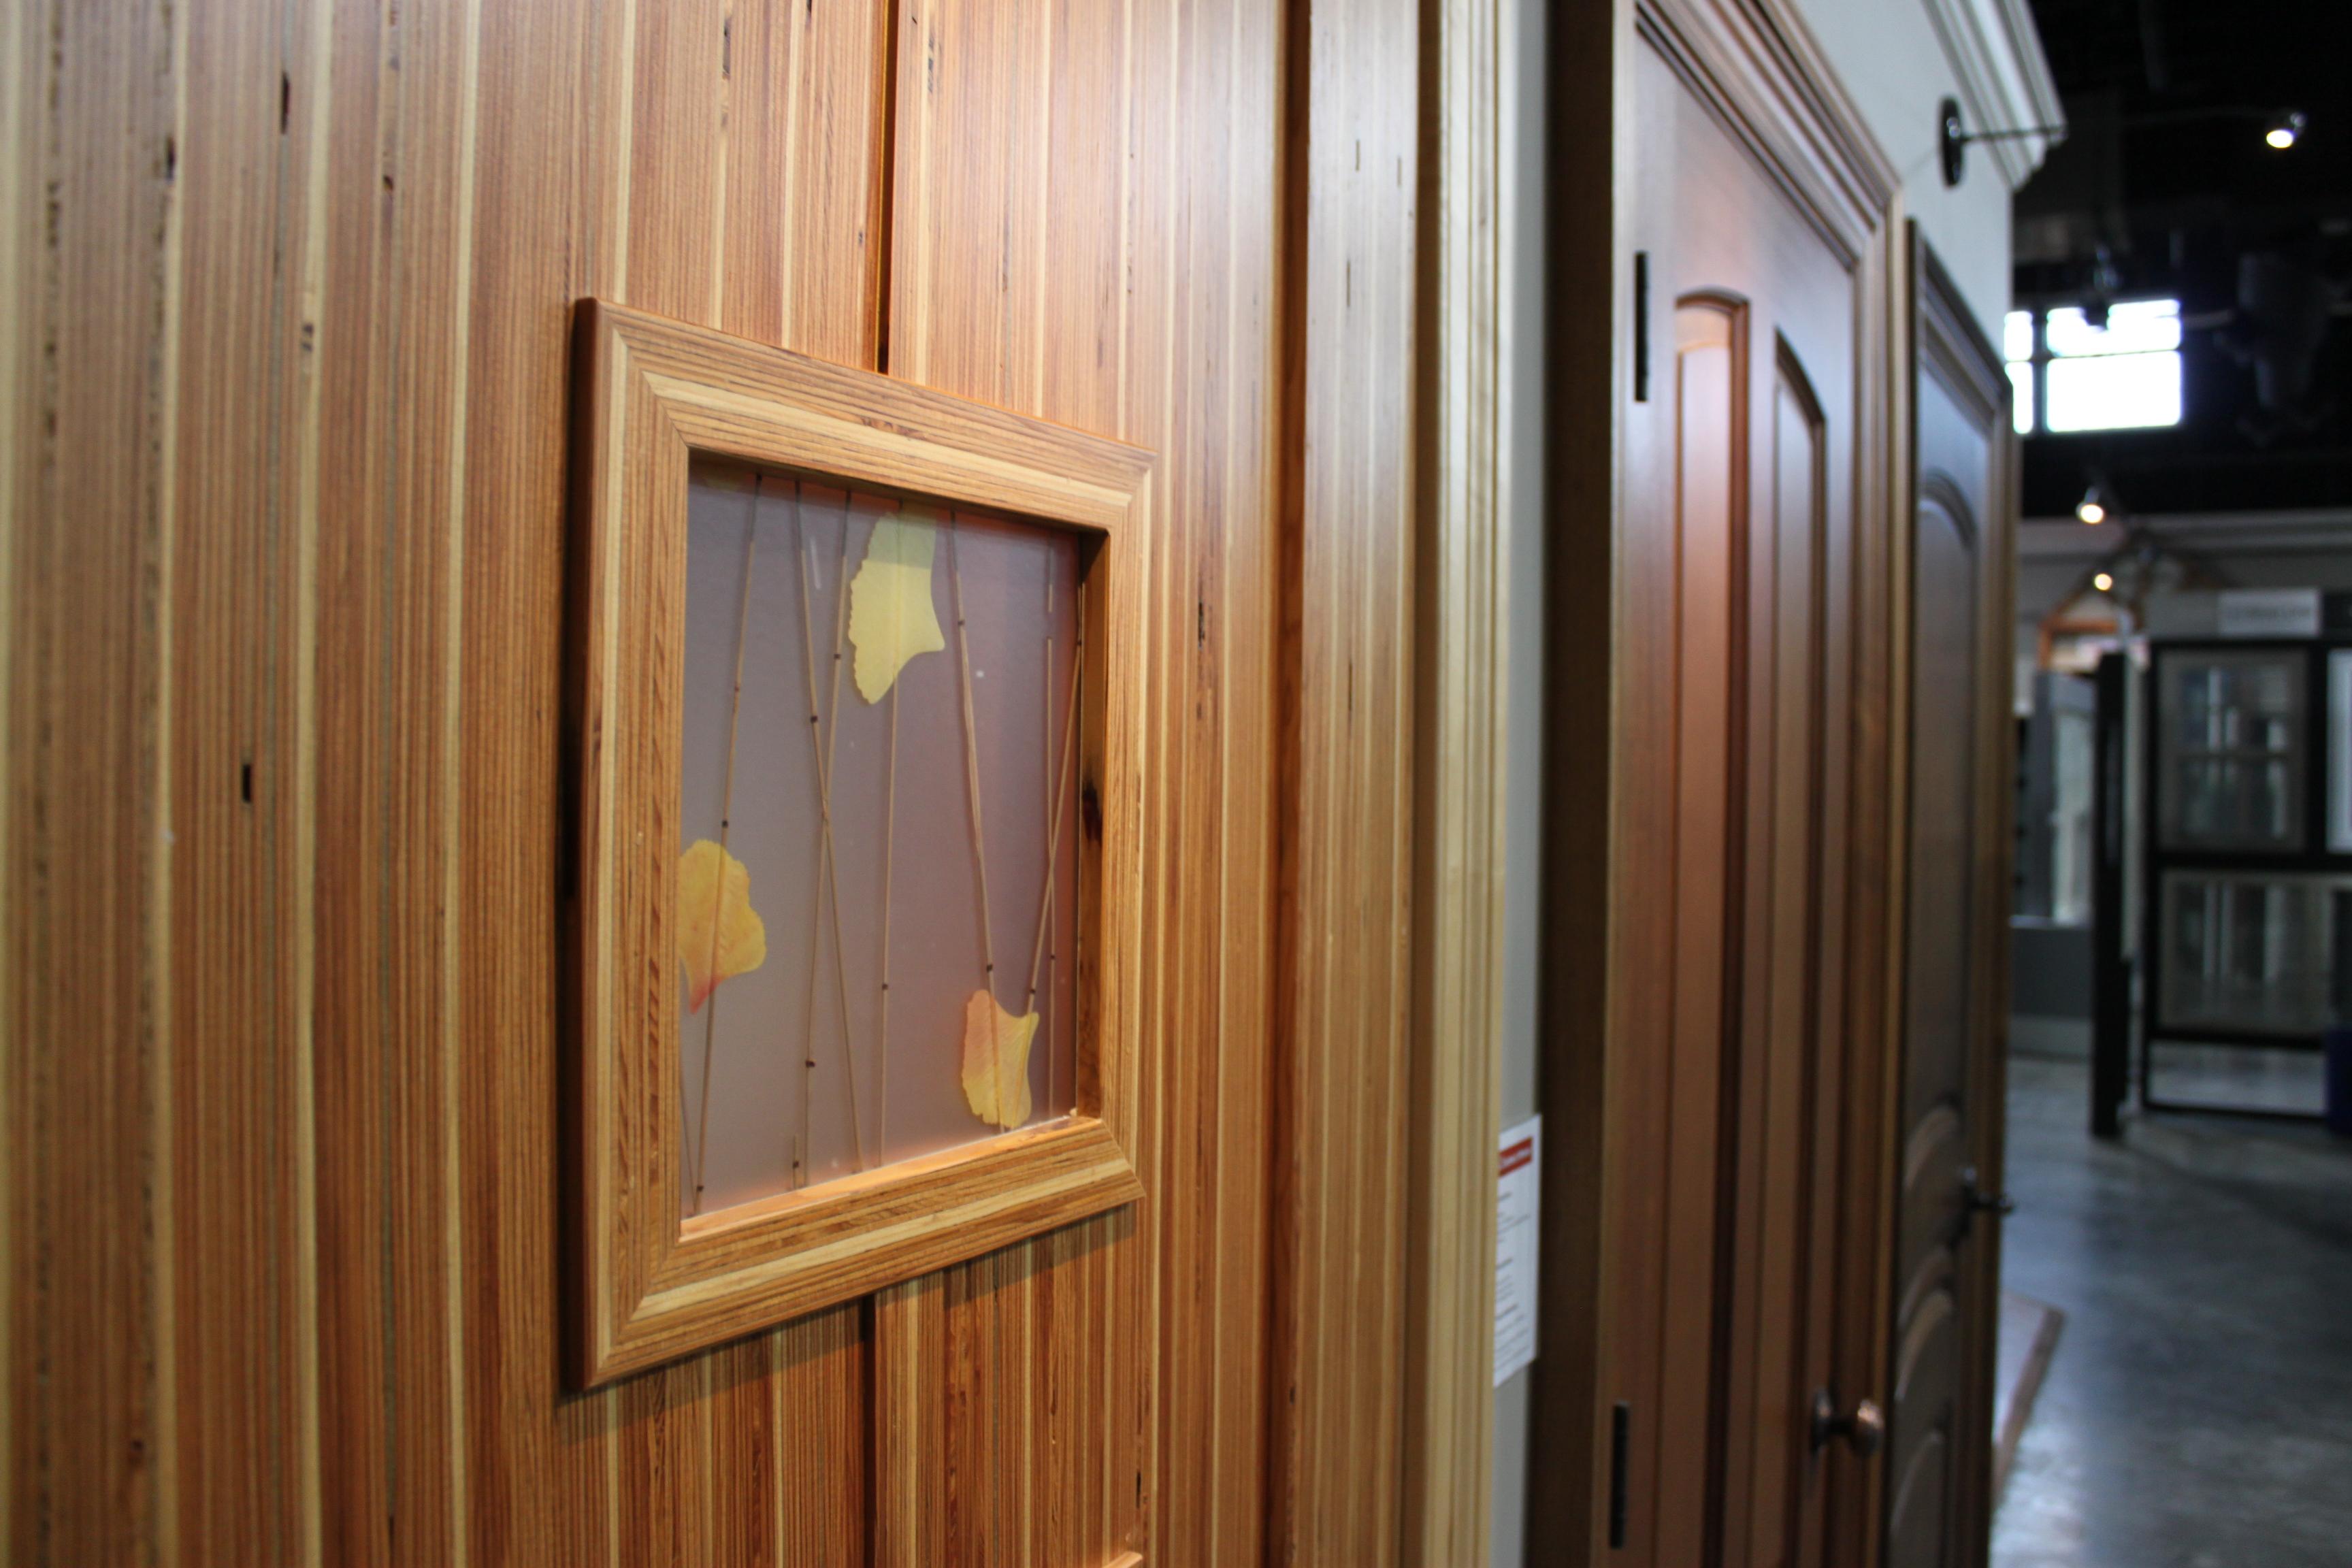 a view of a wooden door